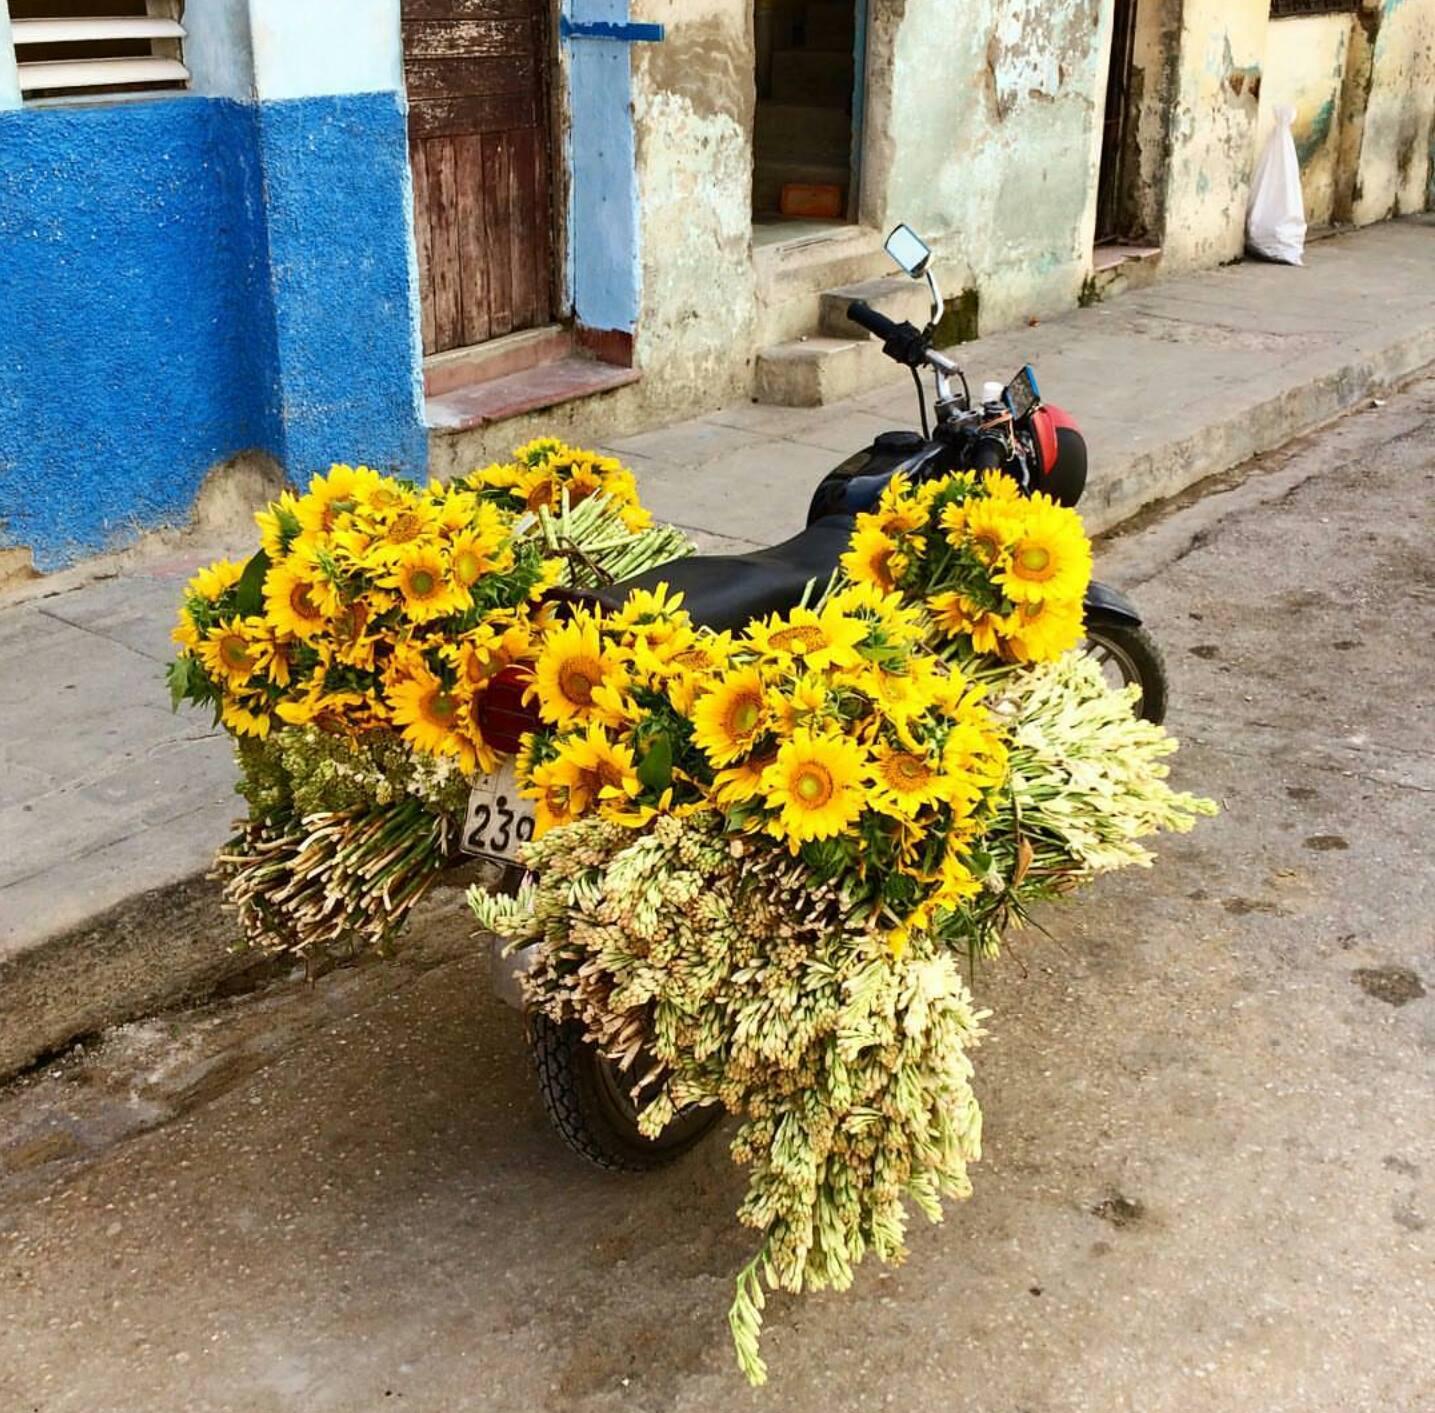 Çiçeklerin Ble Ayrı Güzel be Küba ya da Bize Öyle Geldi :)